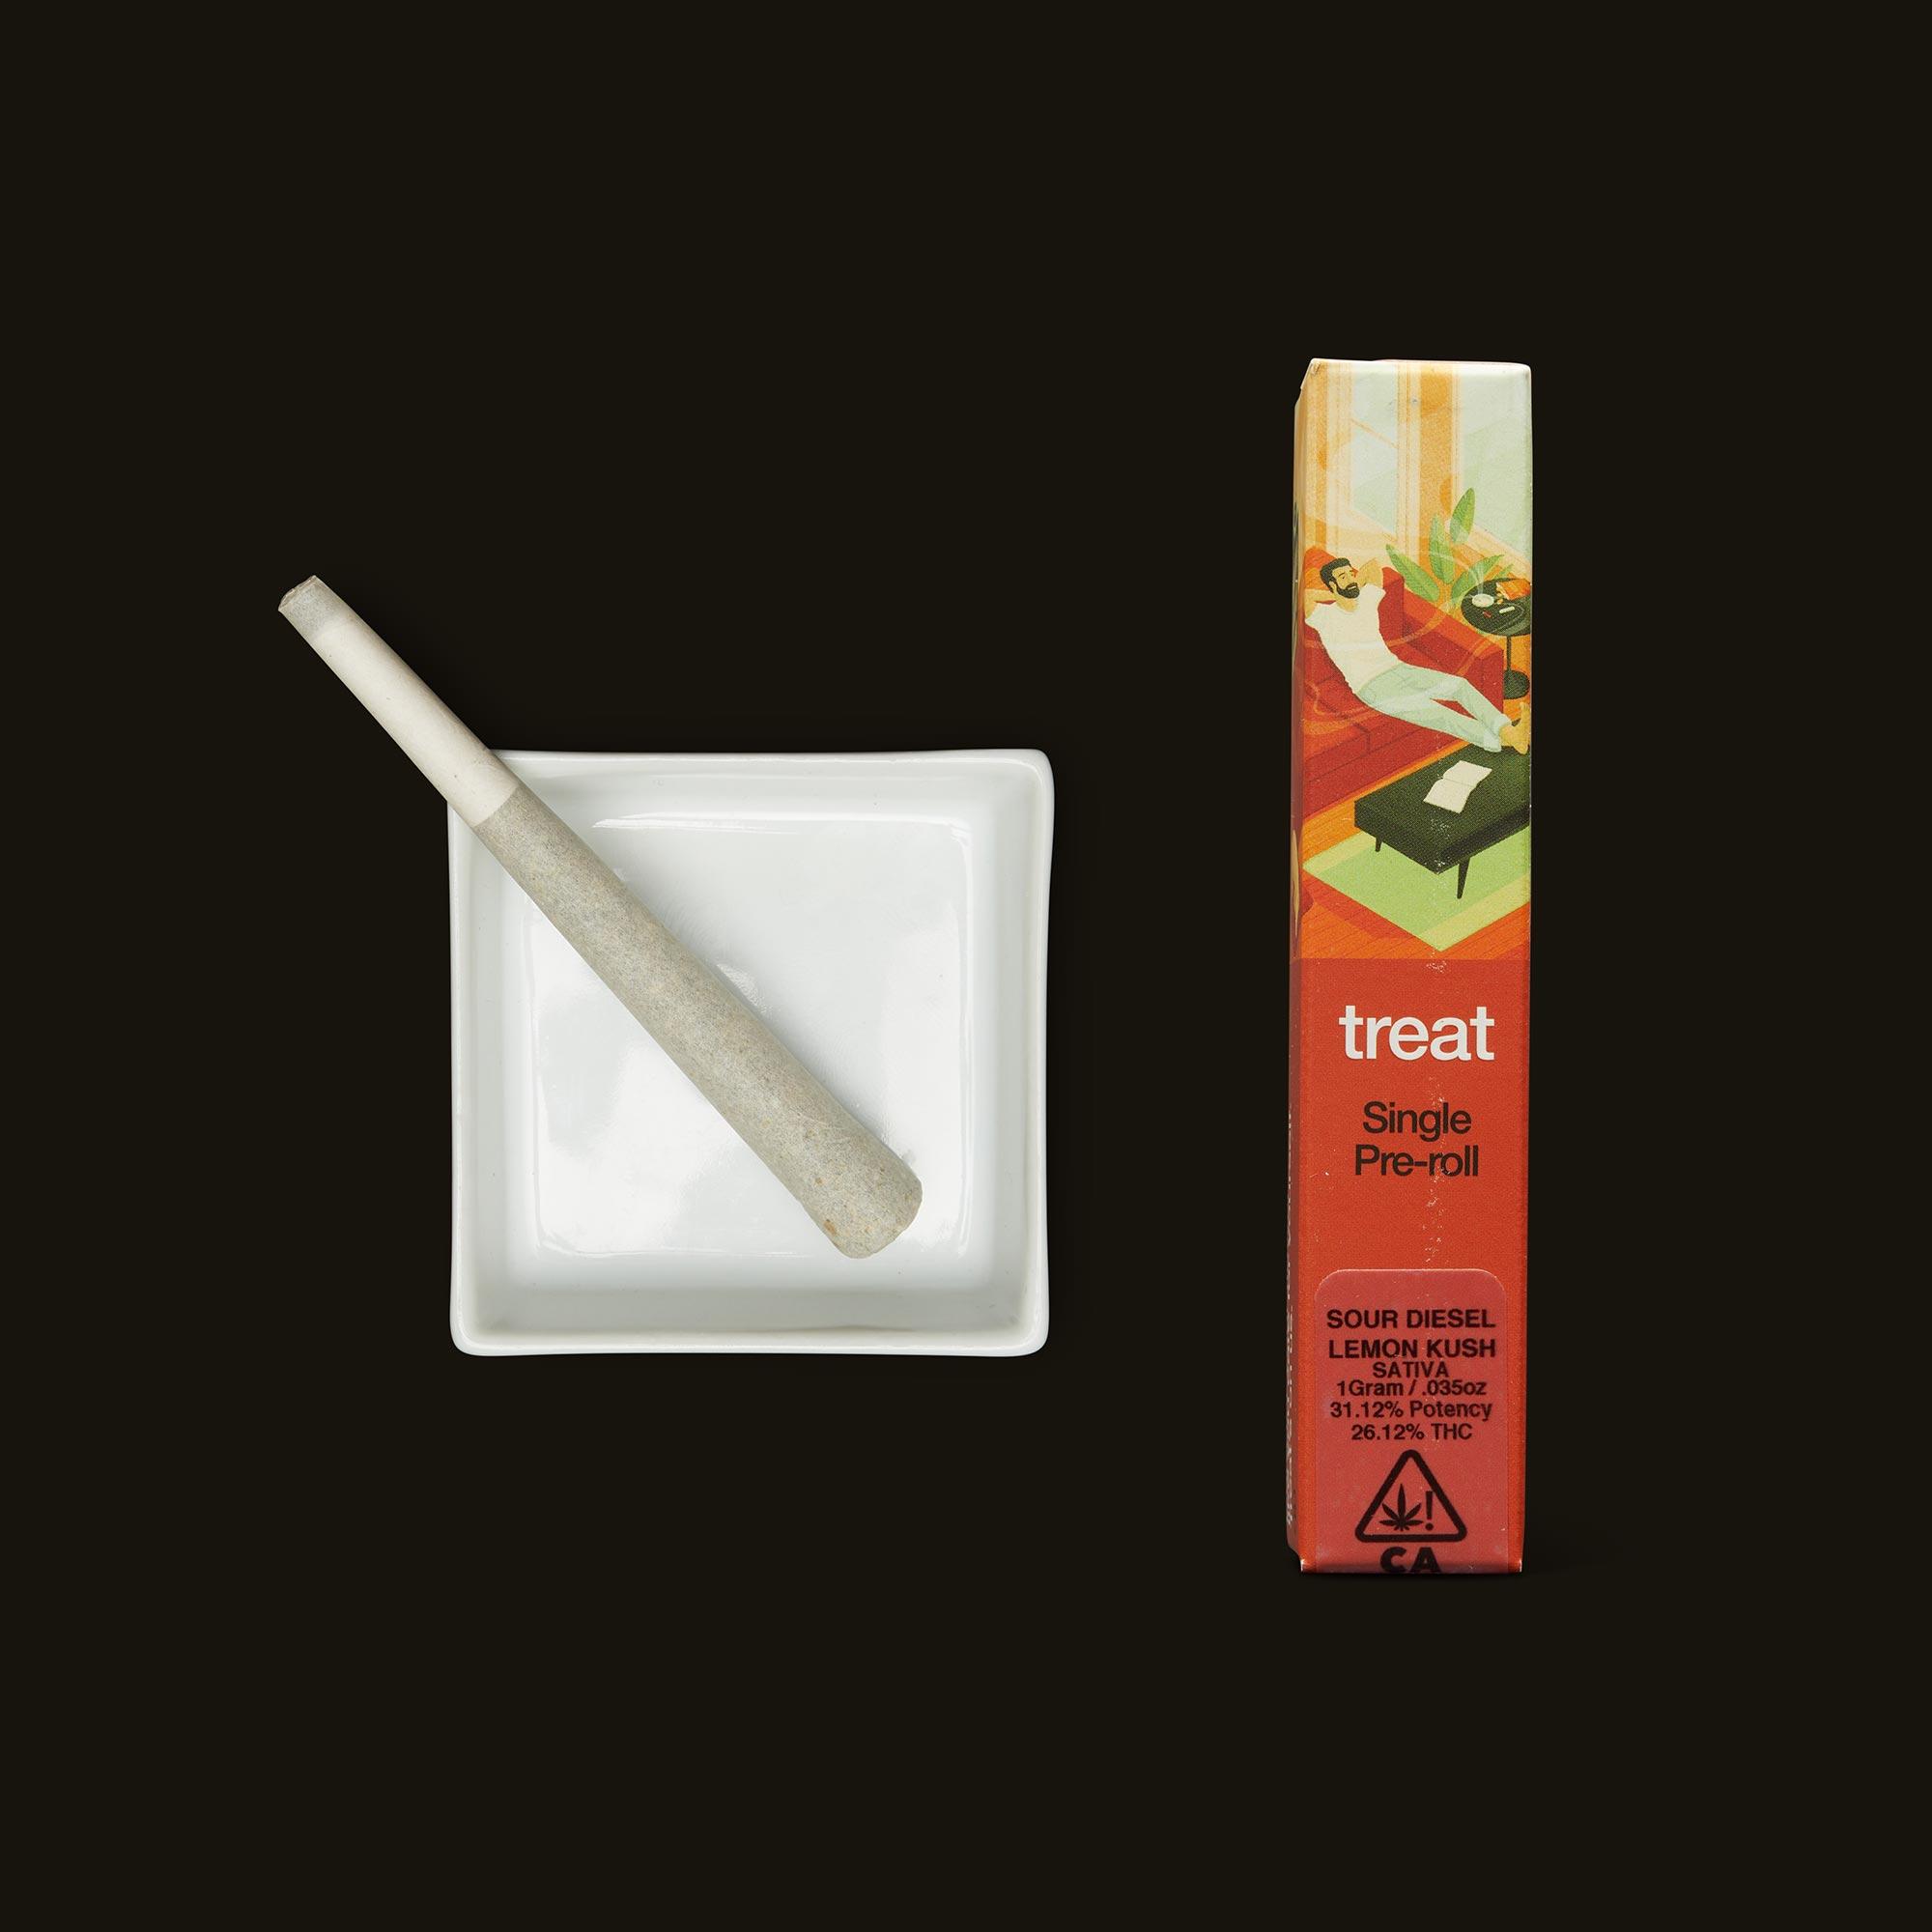 treat Sour Diesel Lemon Kush Pre-Roll